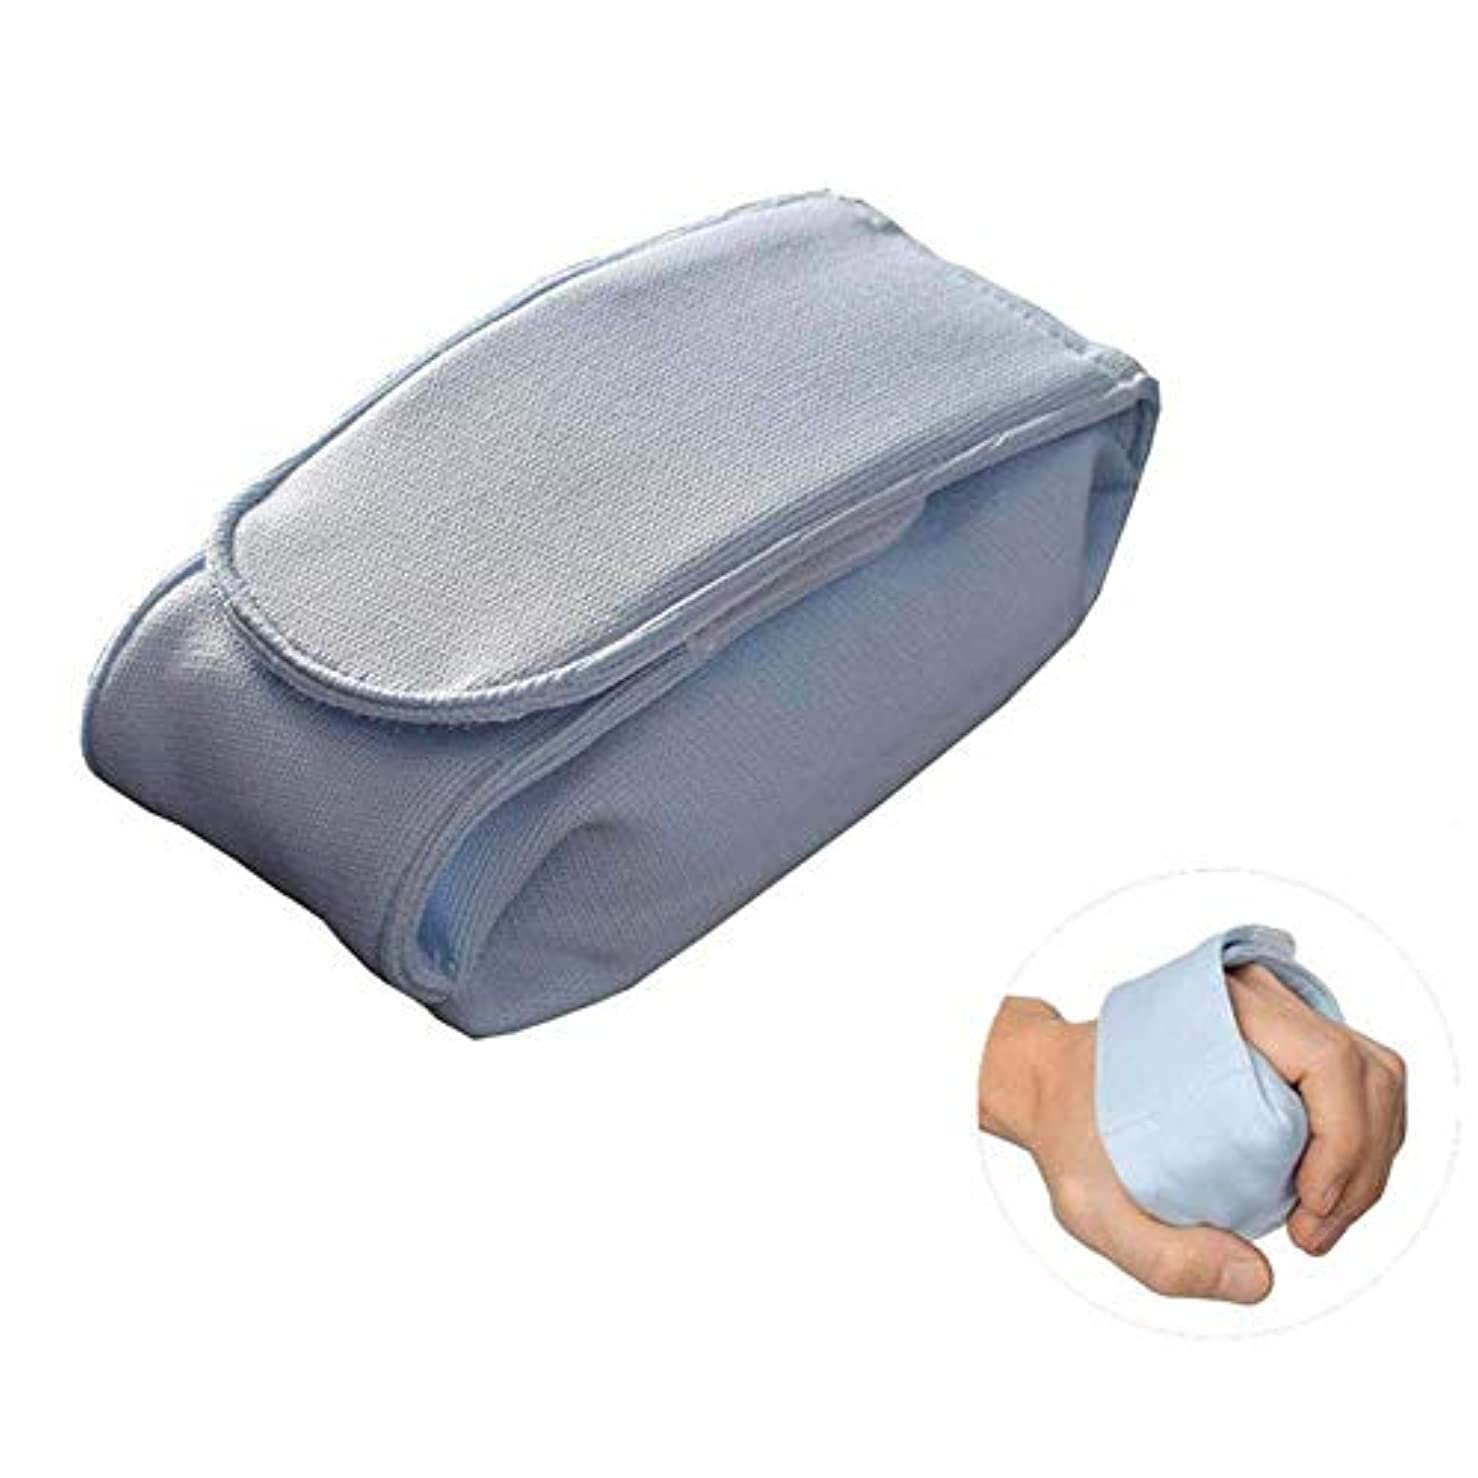 アクセスできない収束穴指の添え木、指の関節の固定化、指の骨折、創傷、術後のケアおよび疼痛緩和のための指トレーニング器具 (Color : 1pcs, Size : Large)